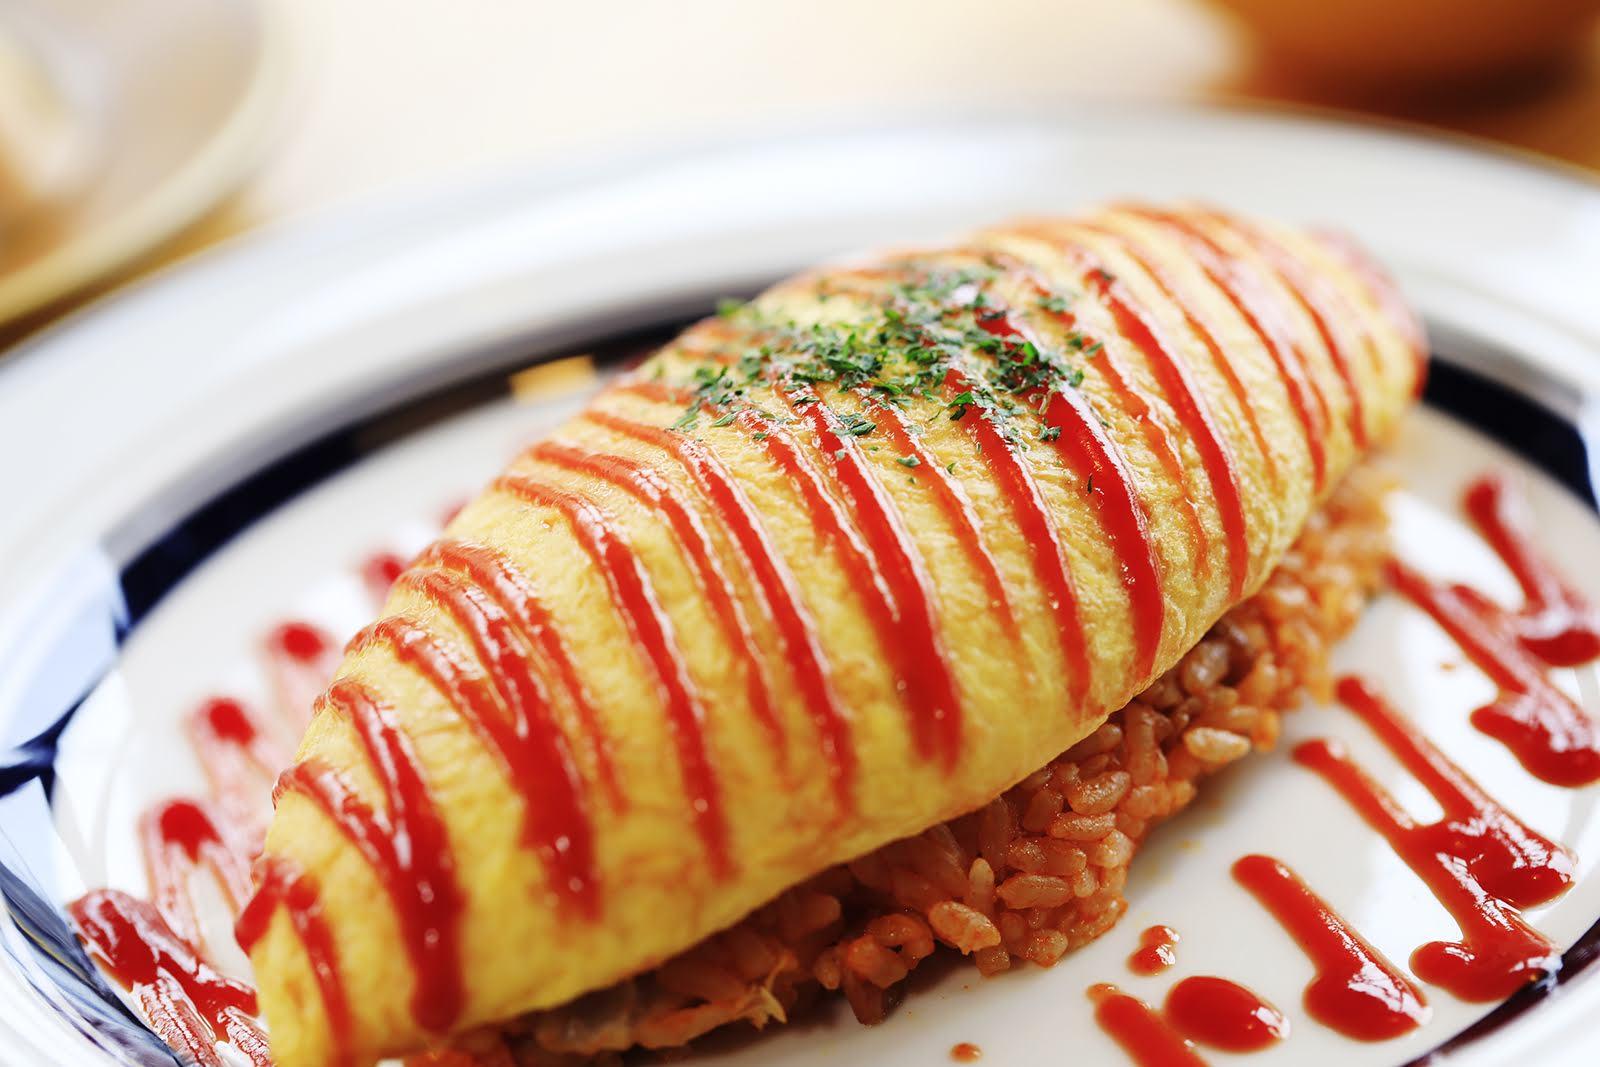 ふわふわオムライスが看板メニューのカフェ&デリ「オッキアーリ」|愛車と楽しむおすすめカフェ巡り(岐阜)